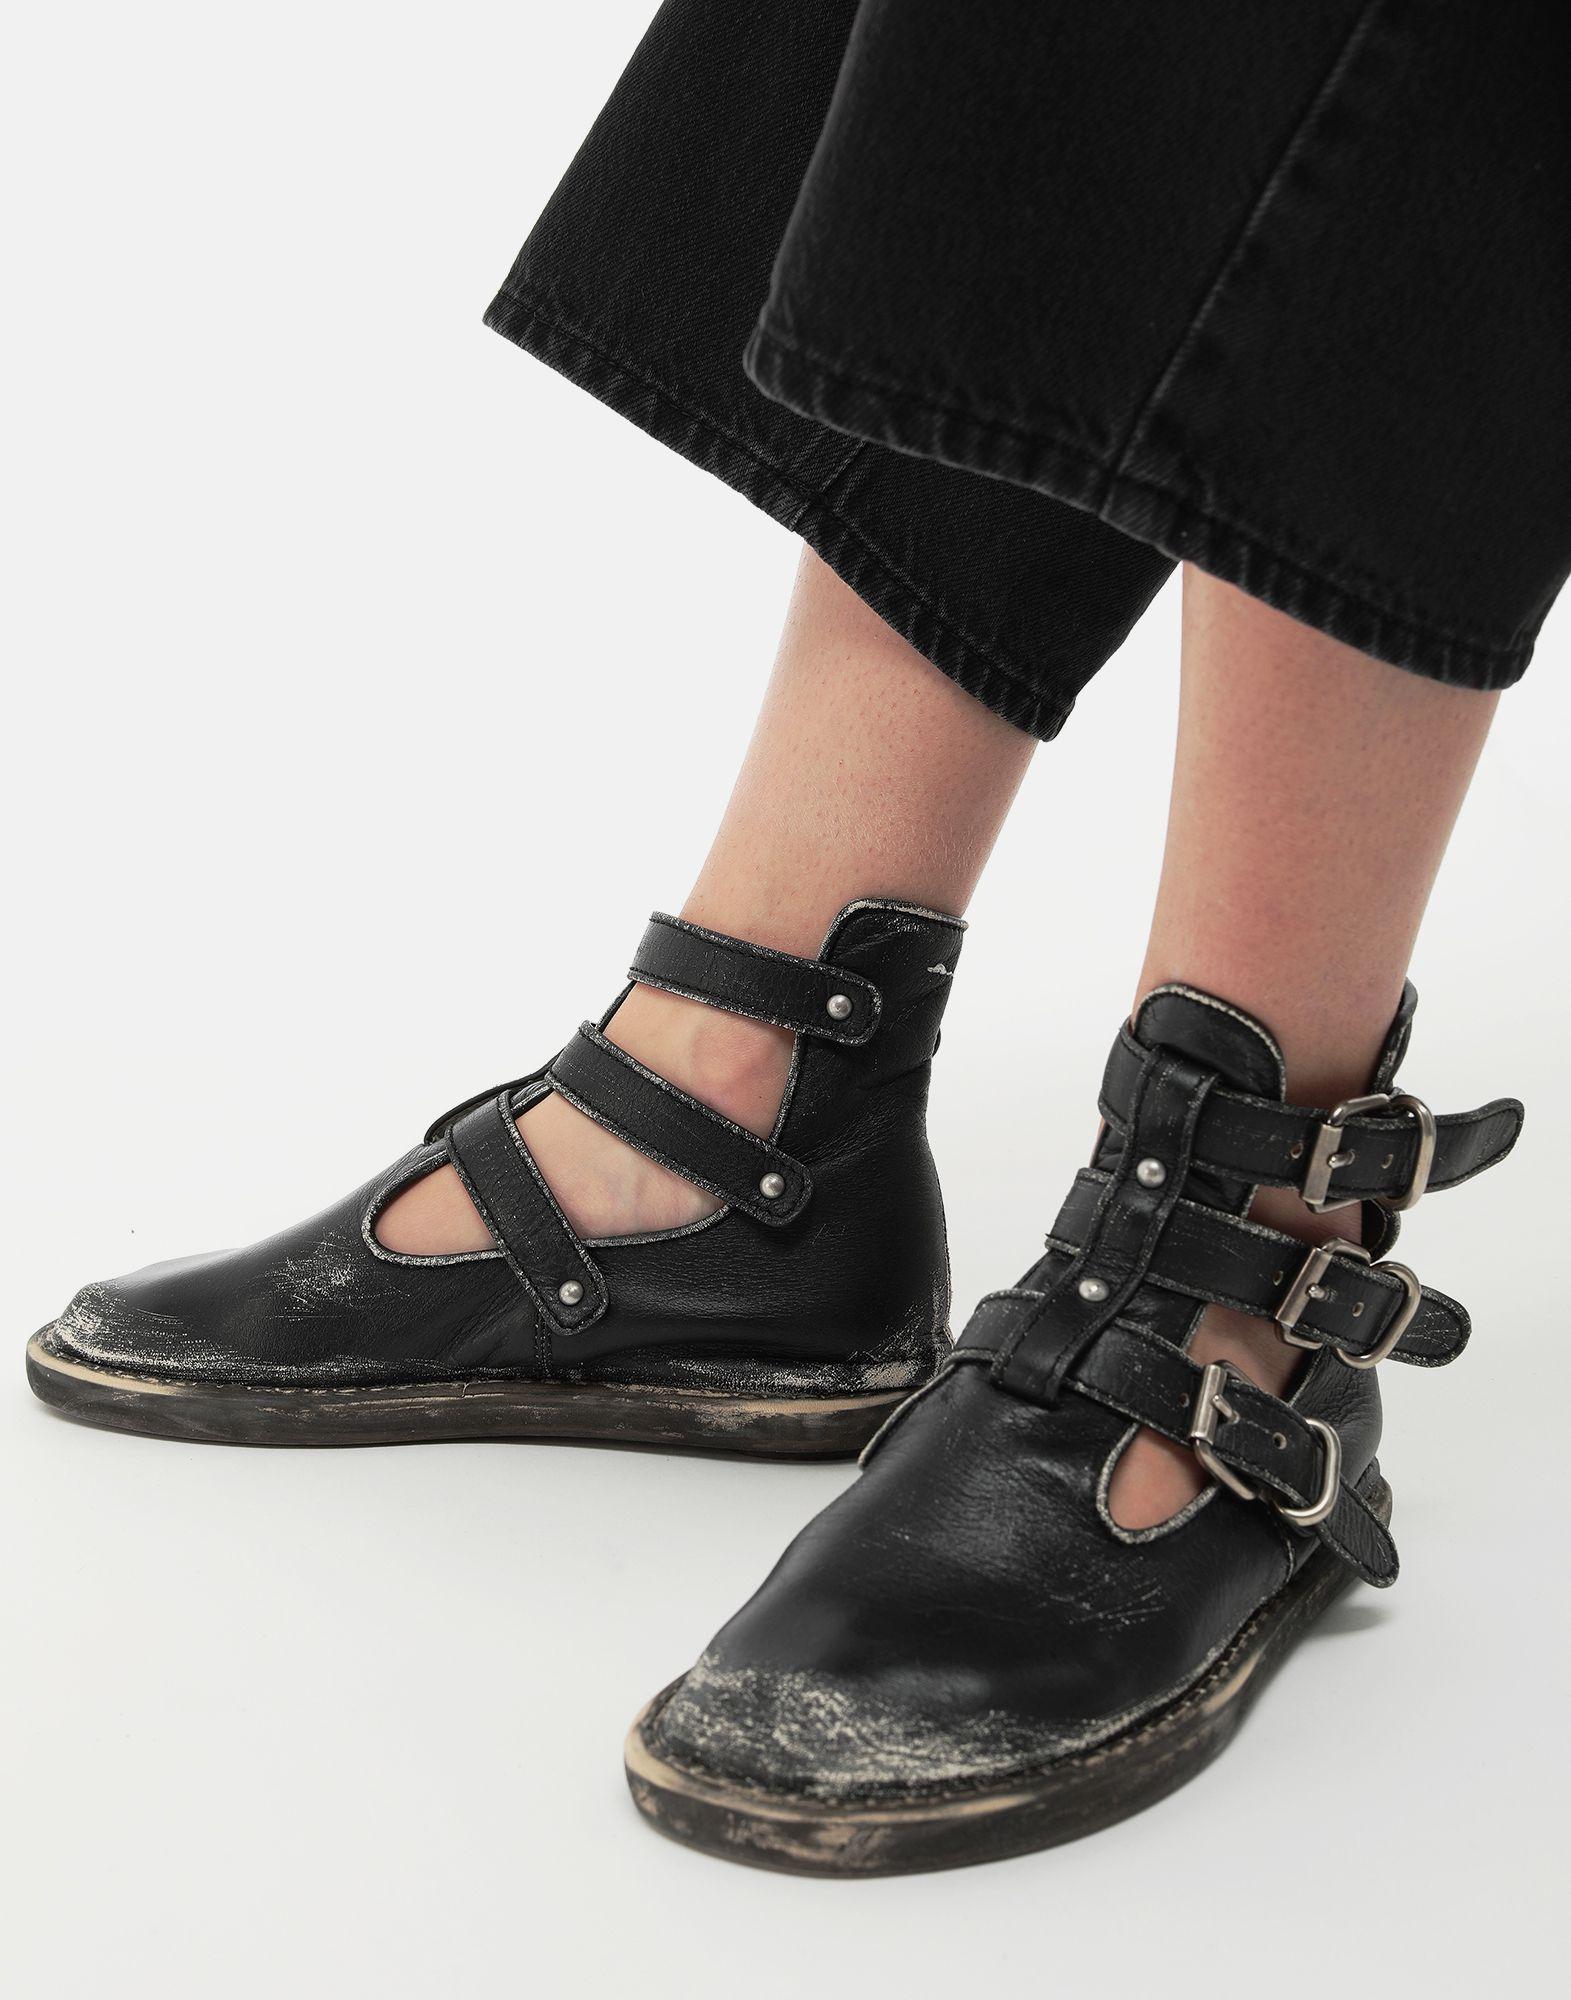 MM6 MAISON MARGIELA Fuss-bett high top sandals Ankle boots Woman b